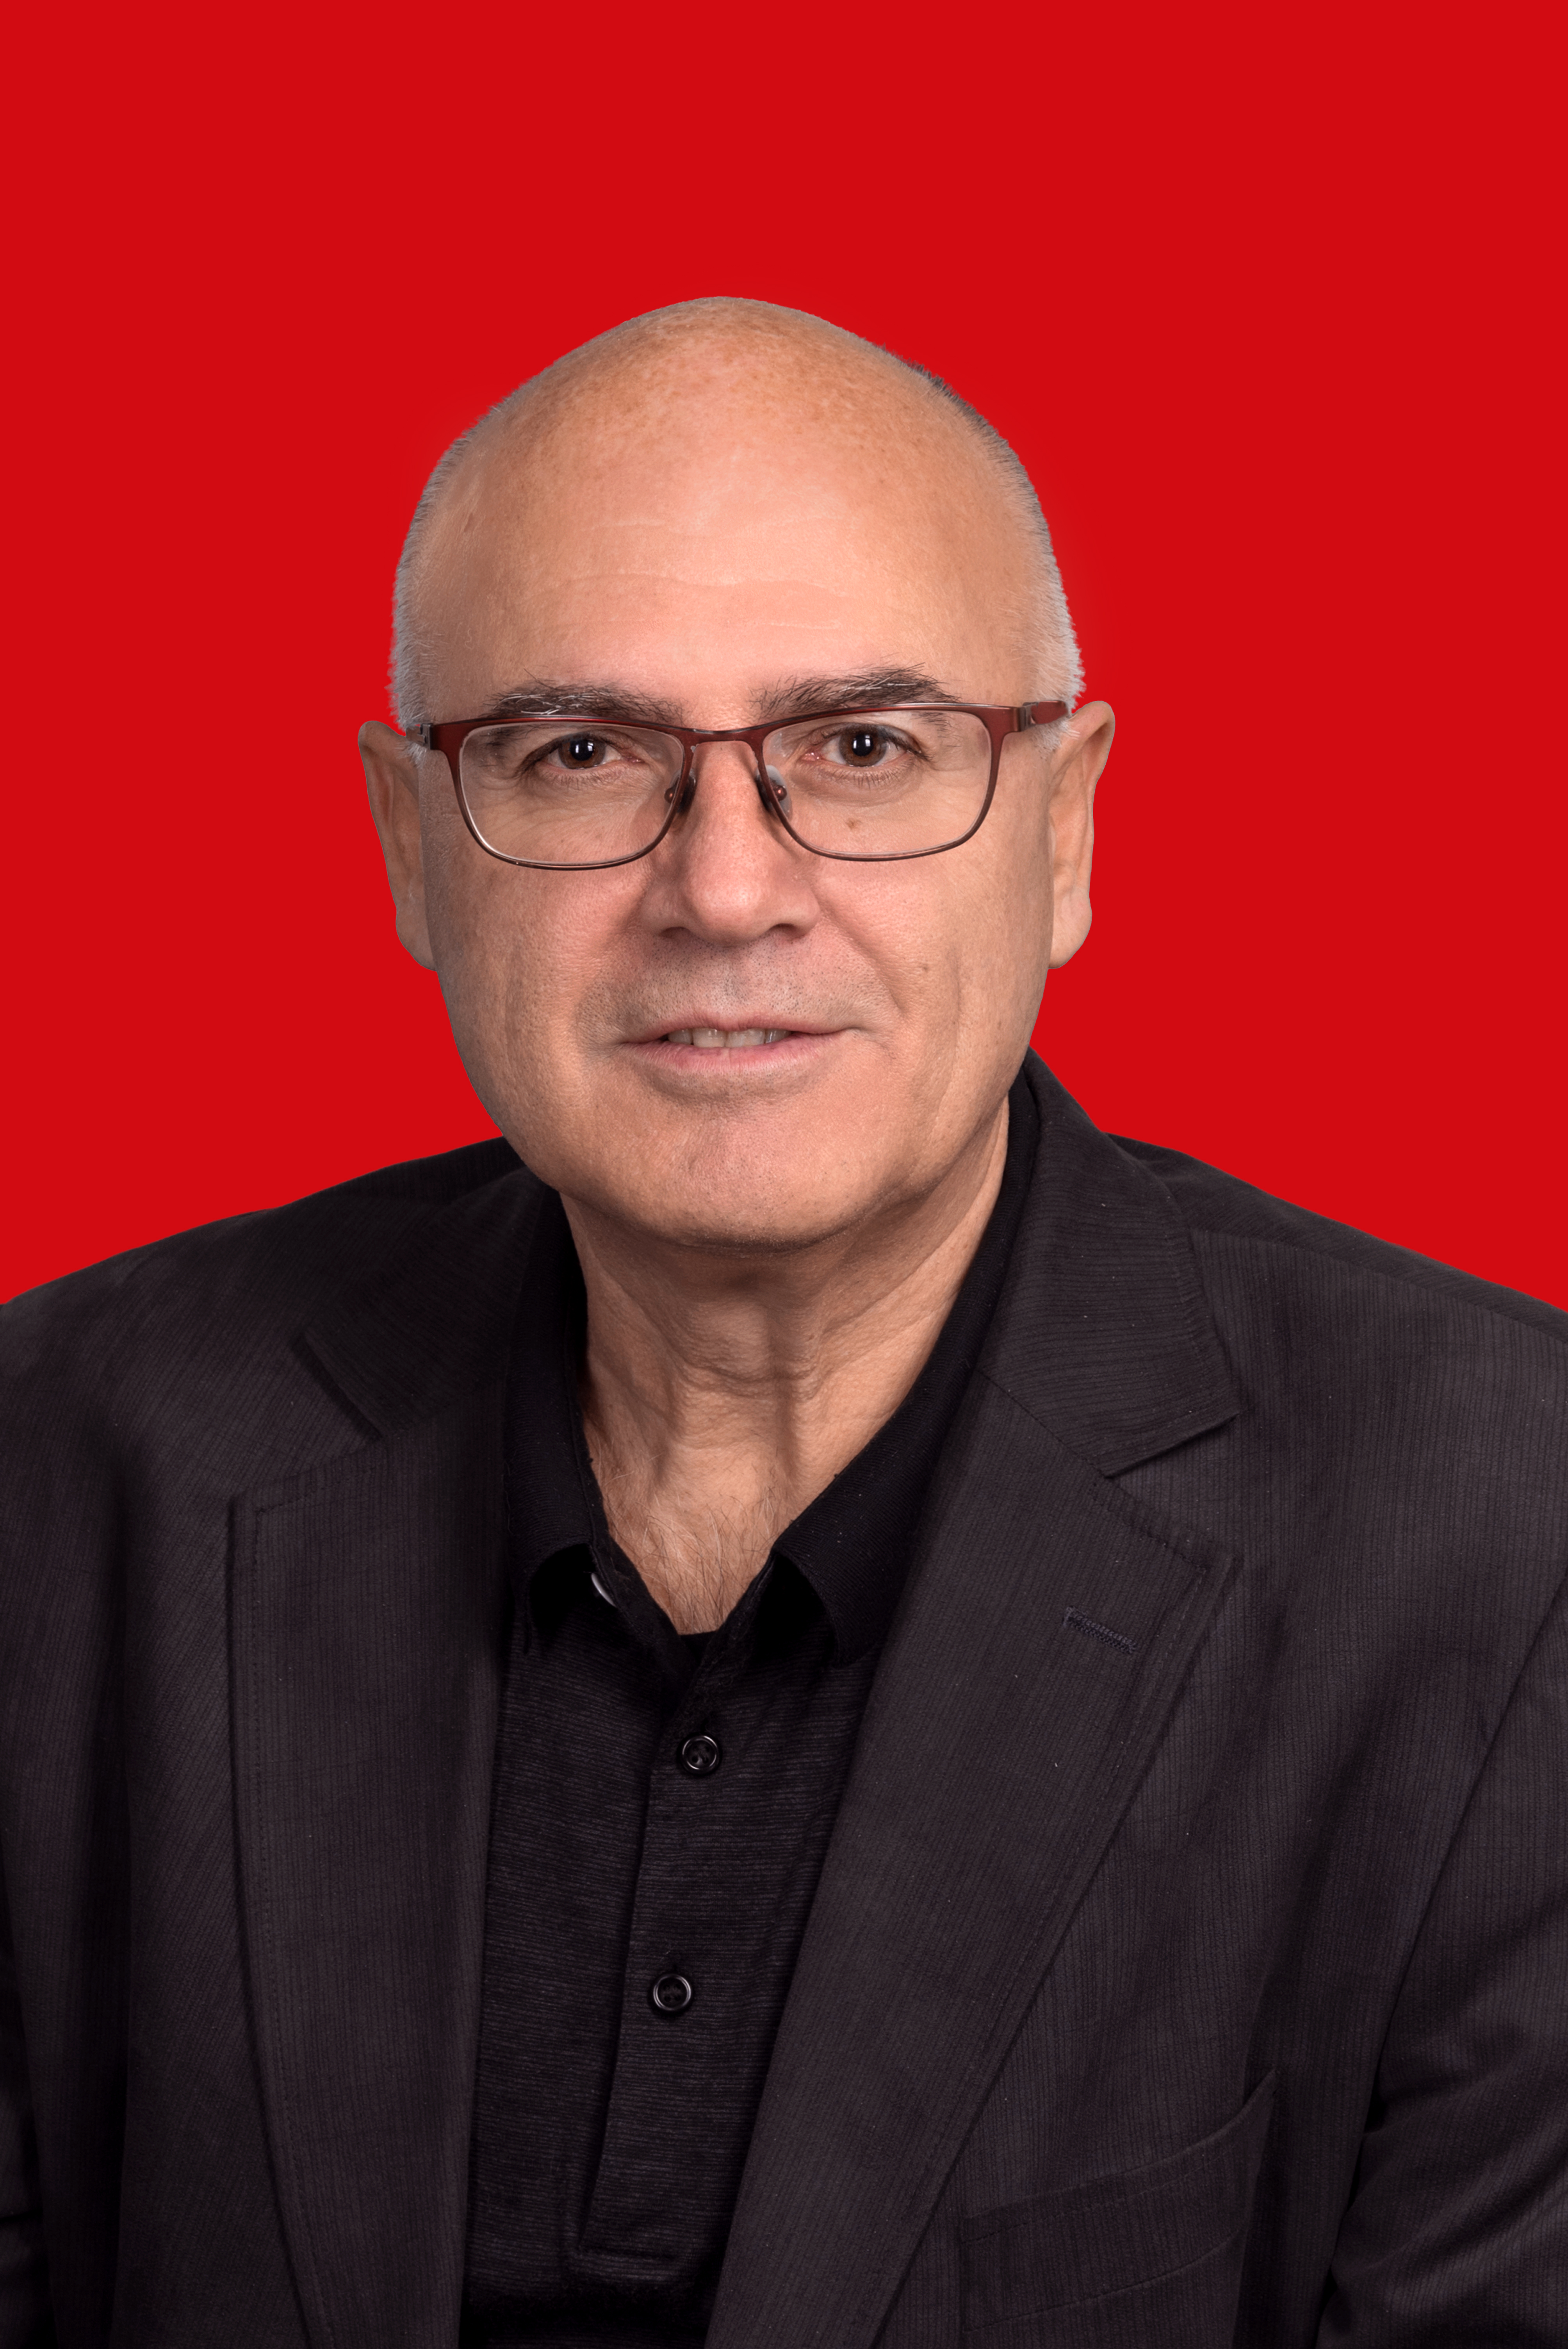 Kurt Pfandlbauer